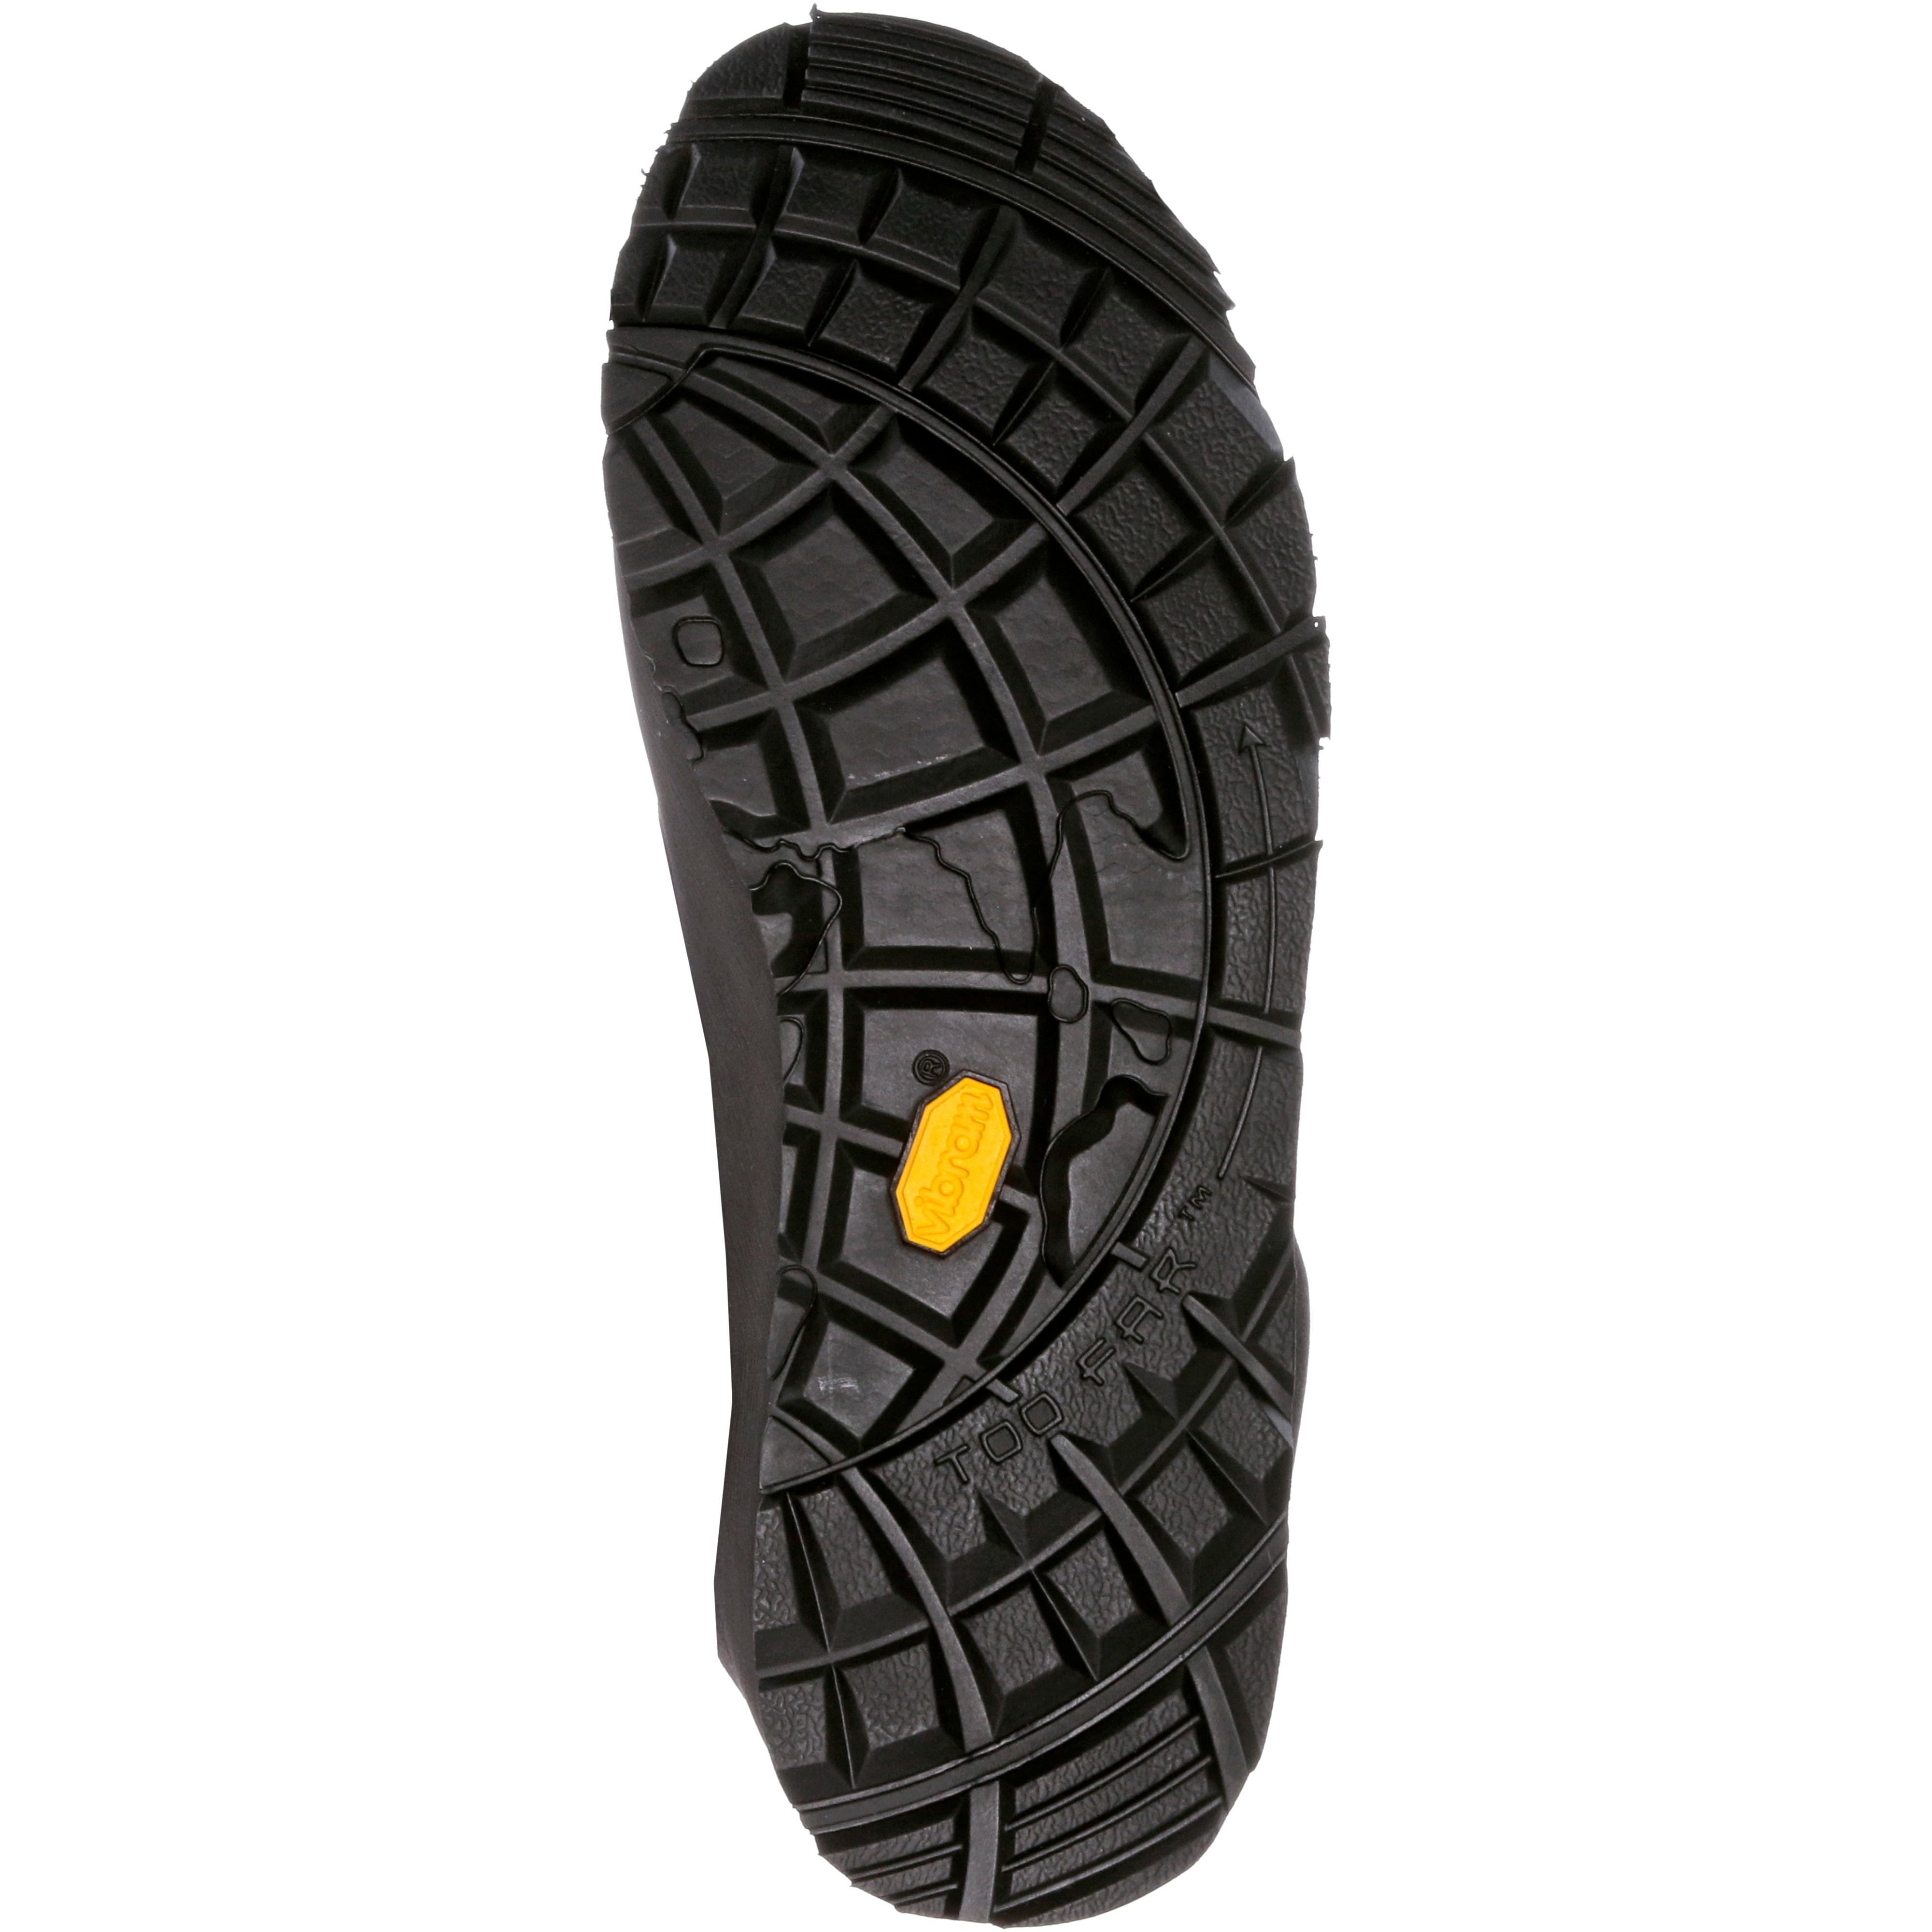 Scarpa Margarita Margarita Margarita GTX Freizeitschuhe Herren ardoise im Online Shop von SportScheck kaufen Gute Qualität beliebte Schuhe c21784